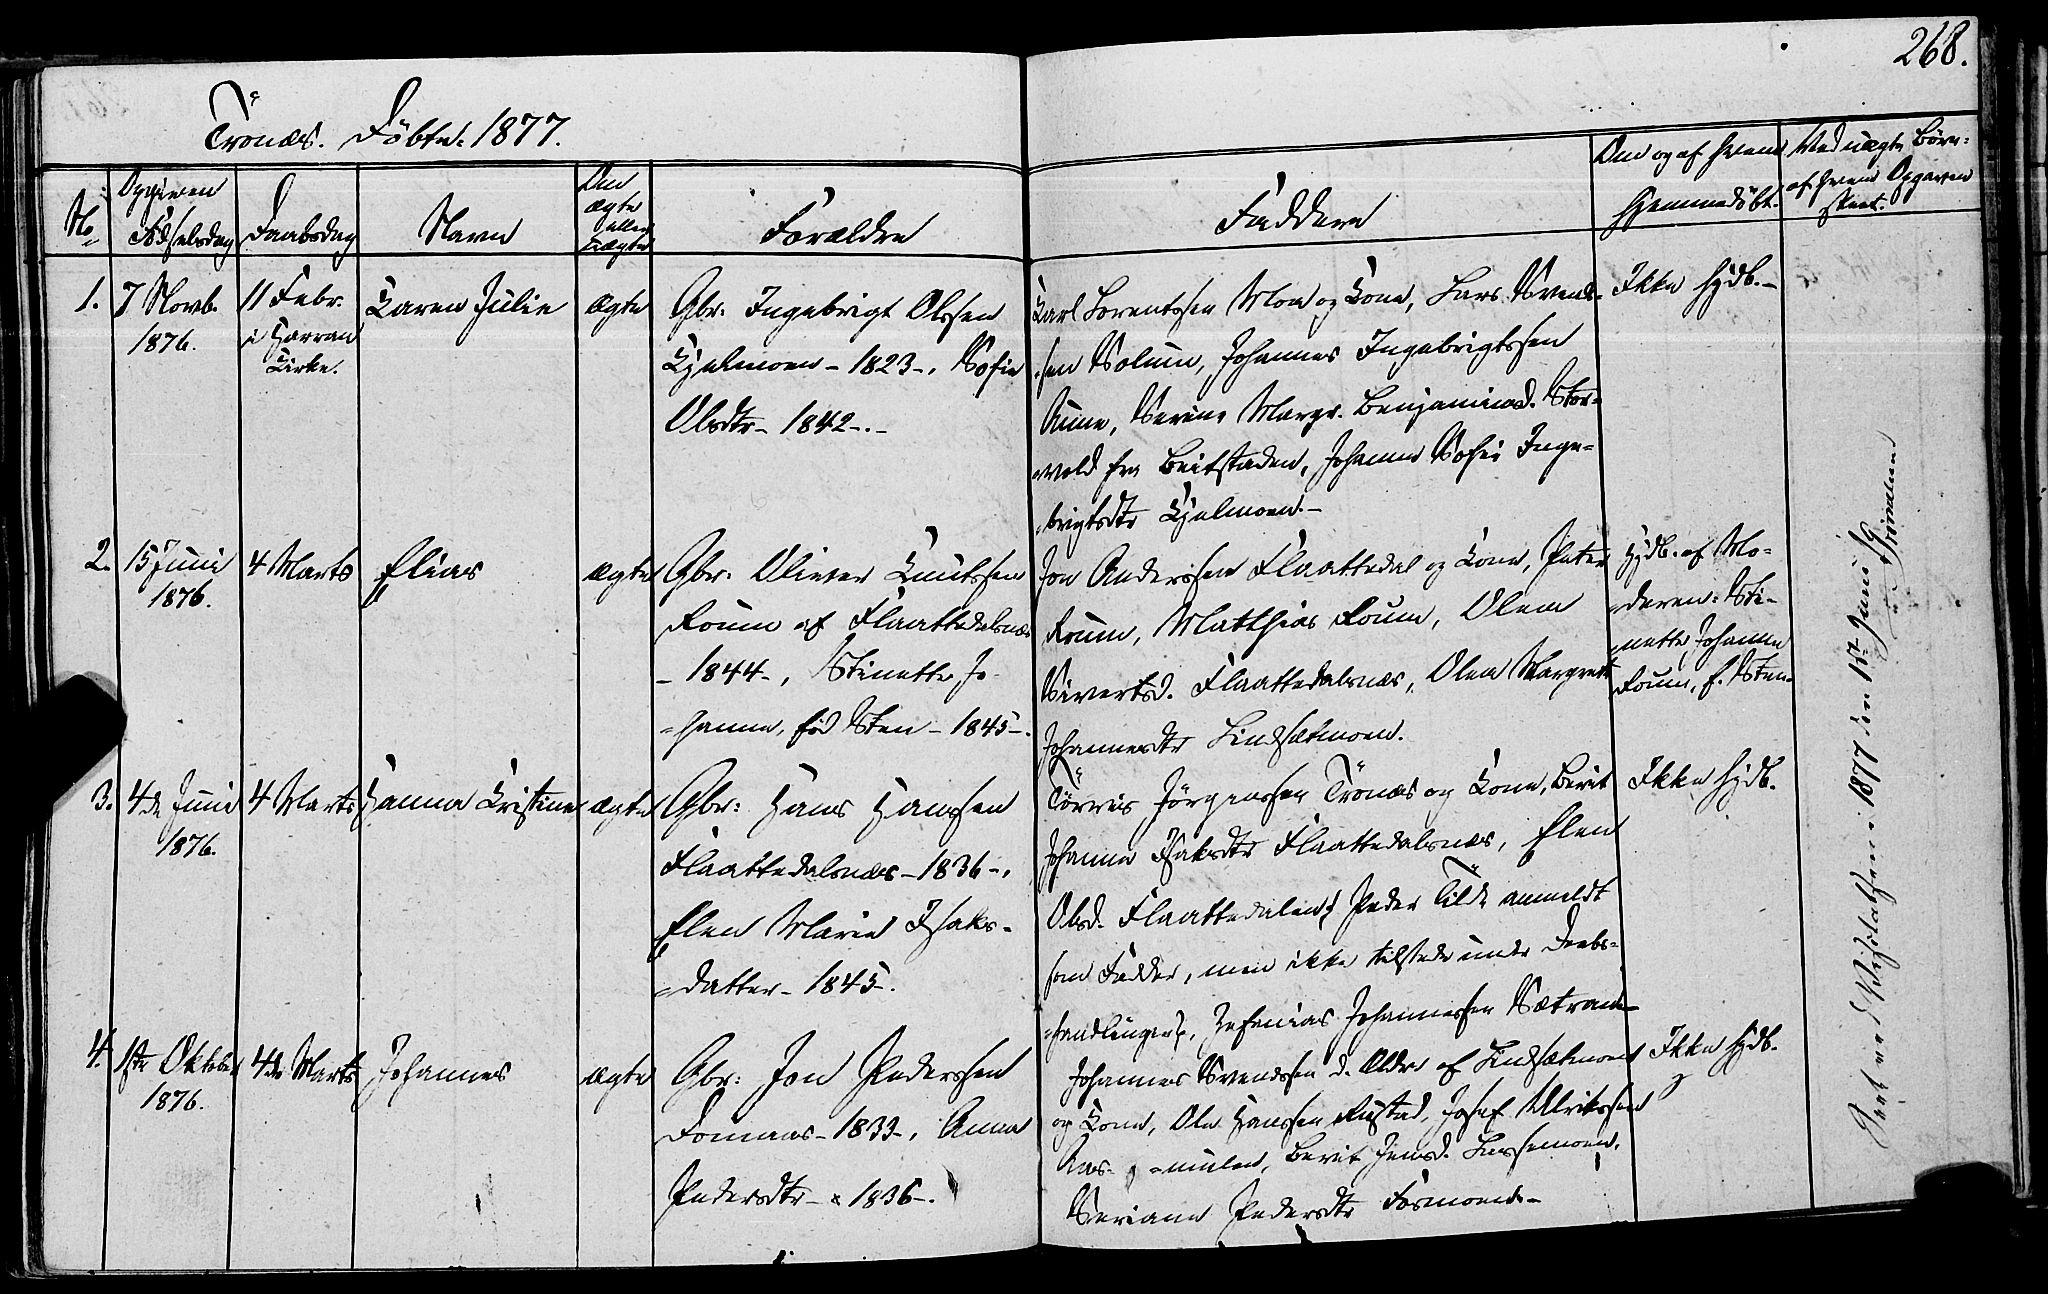 SAT, Ministerialprotokoller, klokkerbøker og fødselsregistre - Nord-Trøndelag, 762/L0538: Ministerialbok nr. 762A02 /2, 1833-1879, s. 268